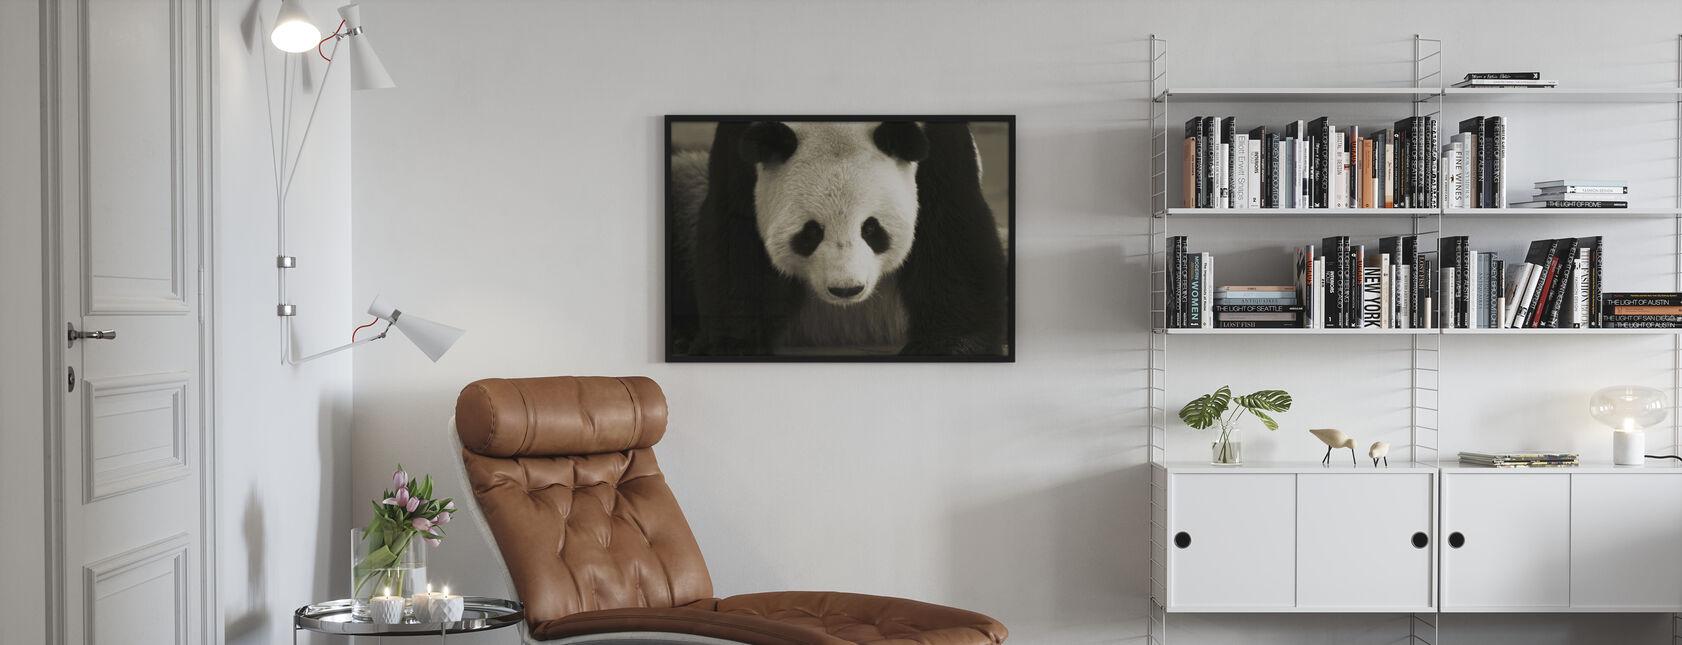 Giant Panda - Poster - Living Room